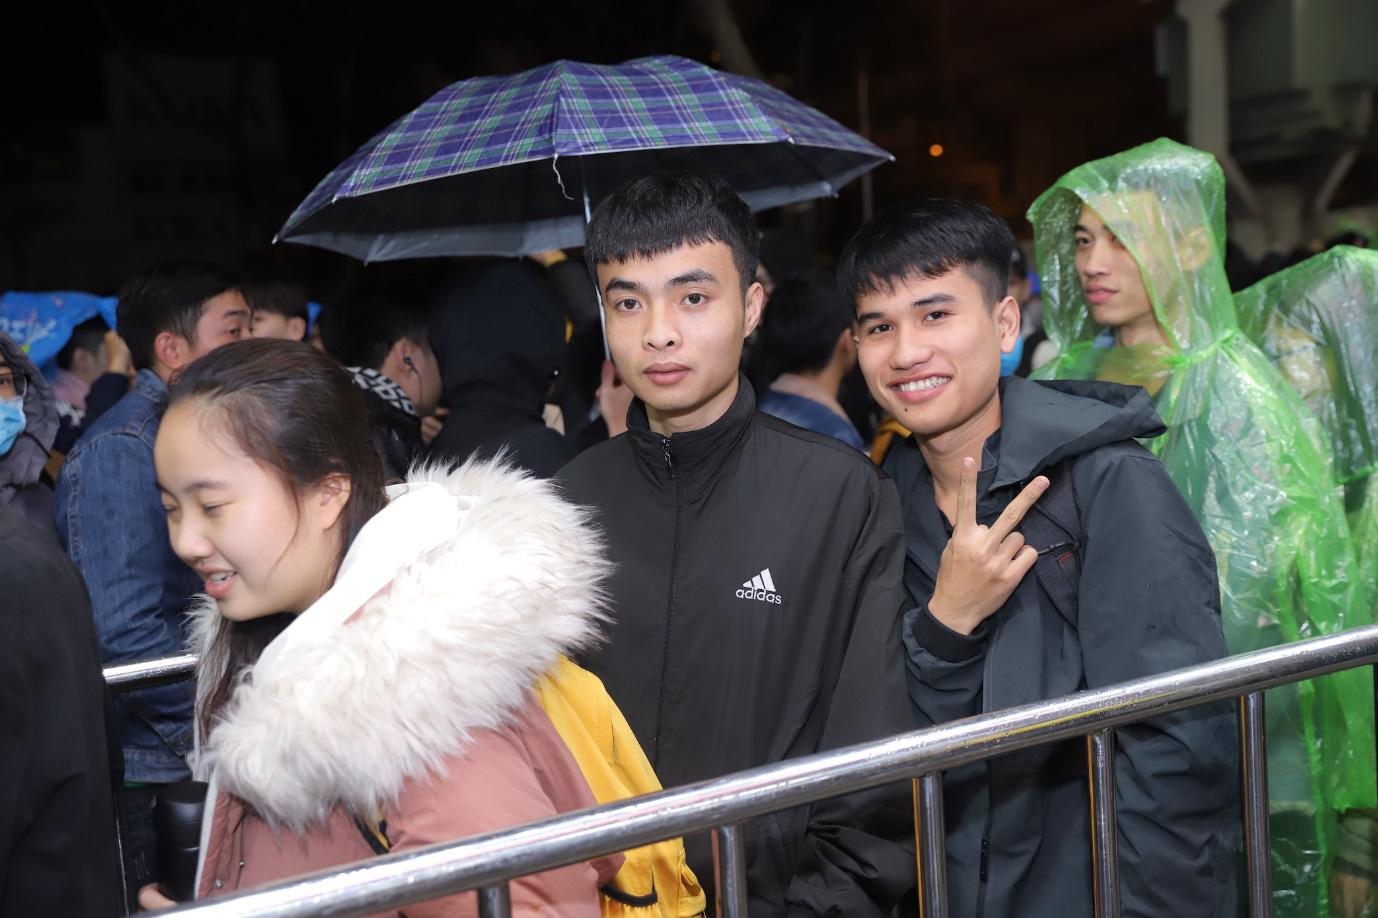 Nhiều bạn trẻ bất chấp trời mưa, xếp hàng thâu đêm chờ mua Reno2 F - Ảnh 2.